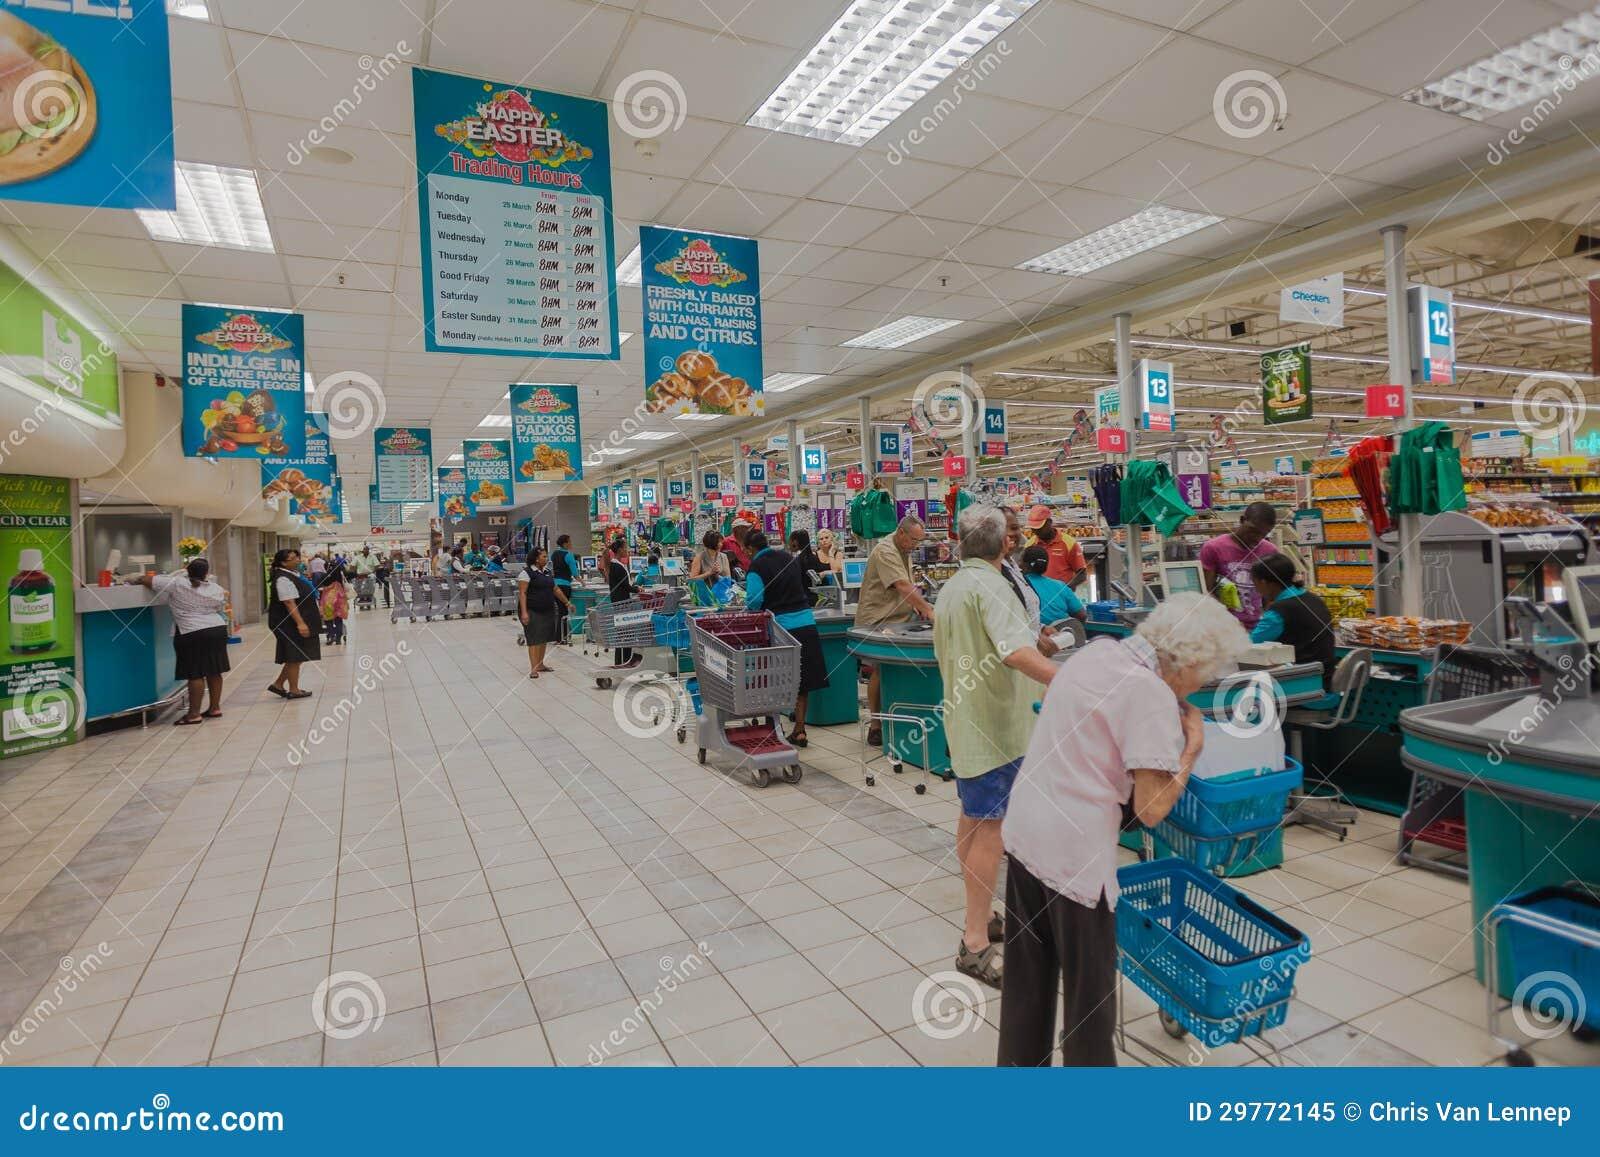 Africa the supermarket cashier exacts revenge on her boyfriend - 1 6